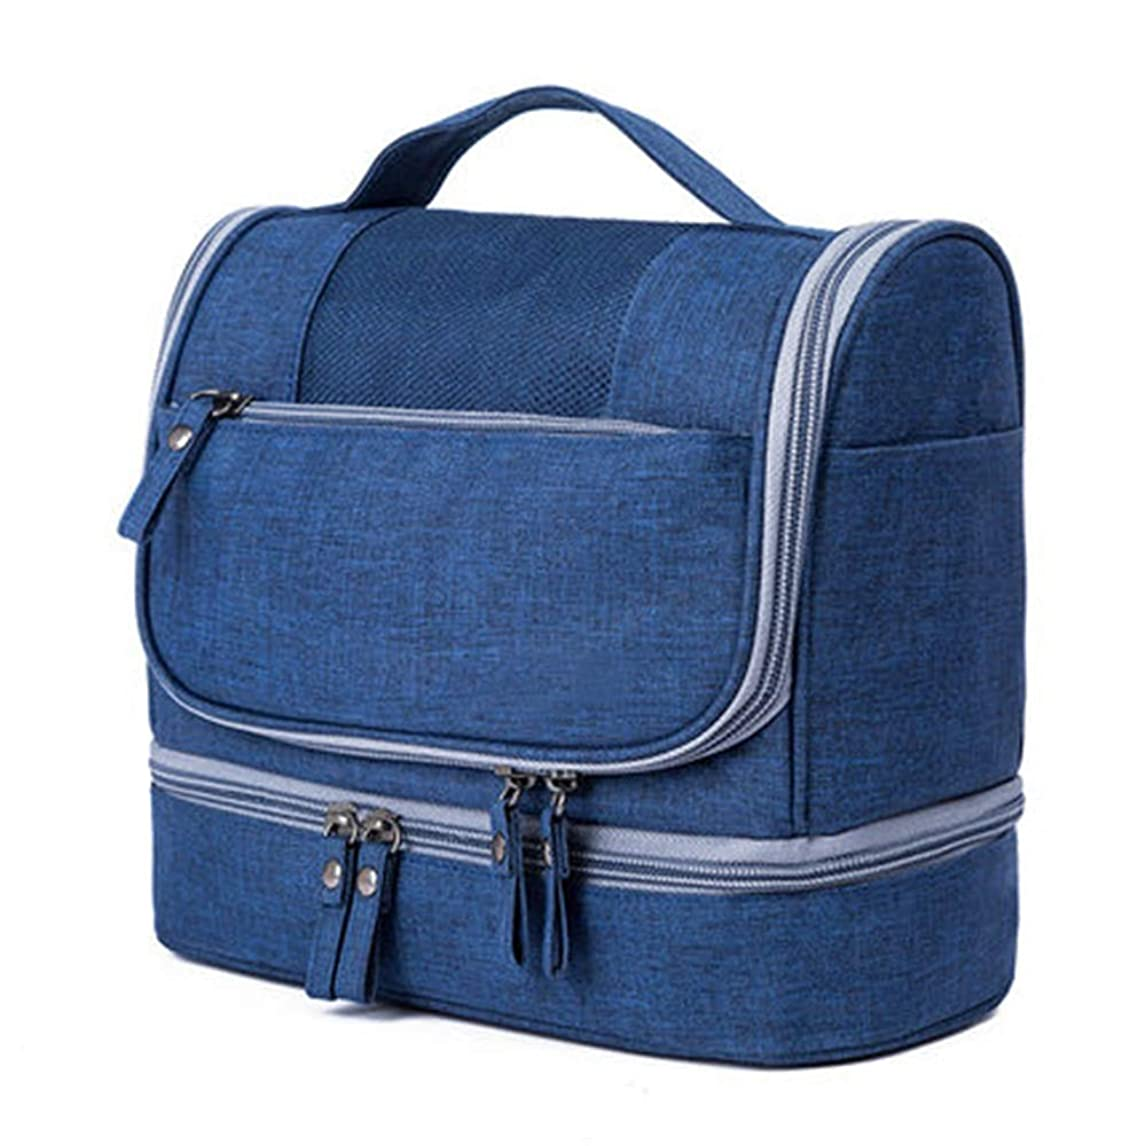 なしで提案狂信者化粧ポーチ トラベルウォッシュバッグ防水コスメティックバッグメンズビジネストラベルポータブルストレージバッグセット女性大容量のトラベル用品 ウォッシュバッグ (色 : 青, Size : 21x25x13cm)